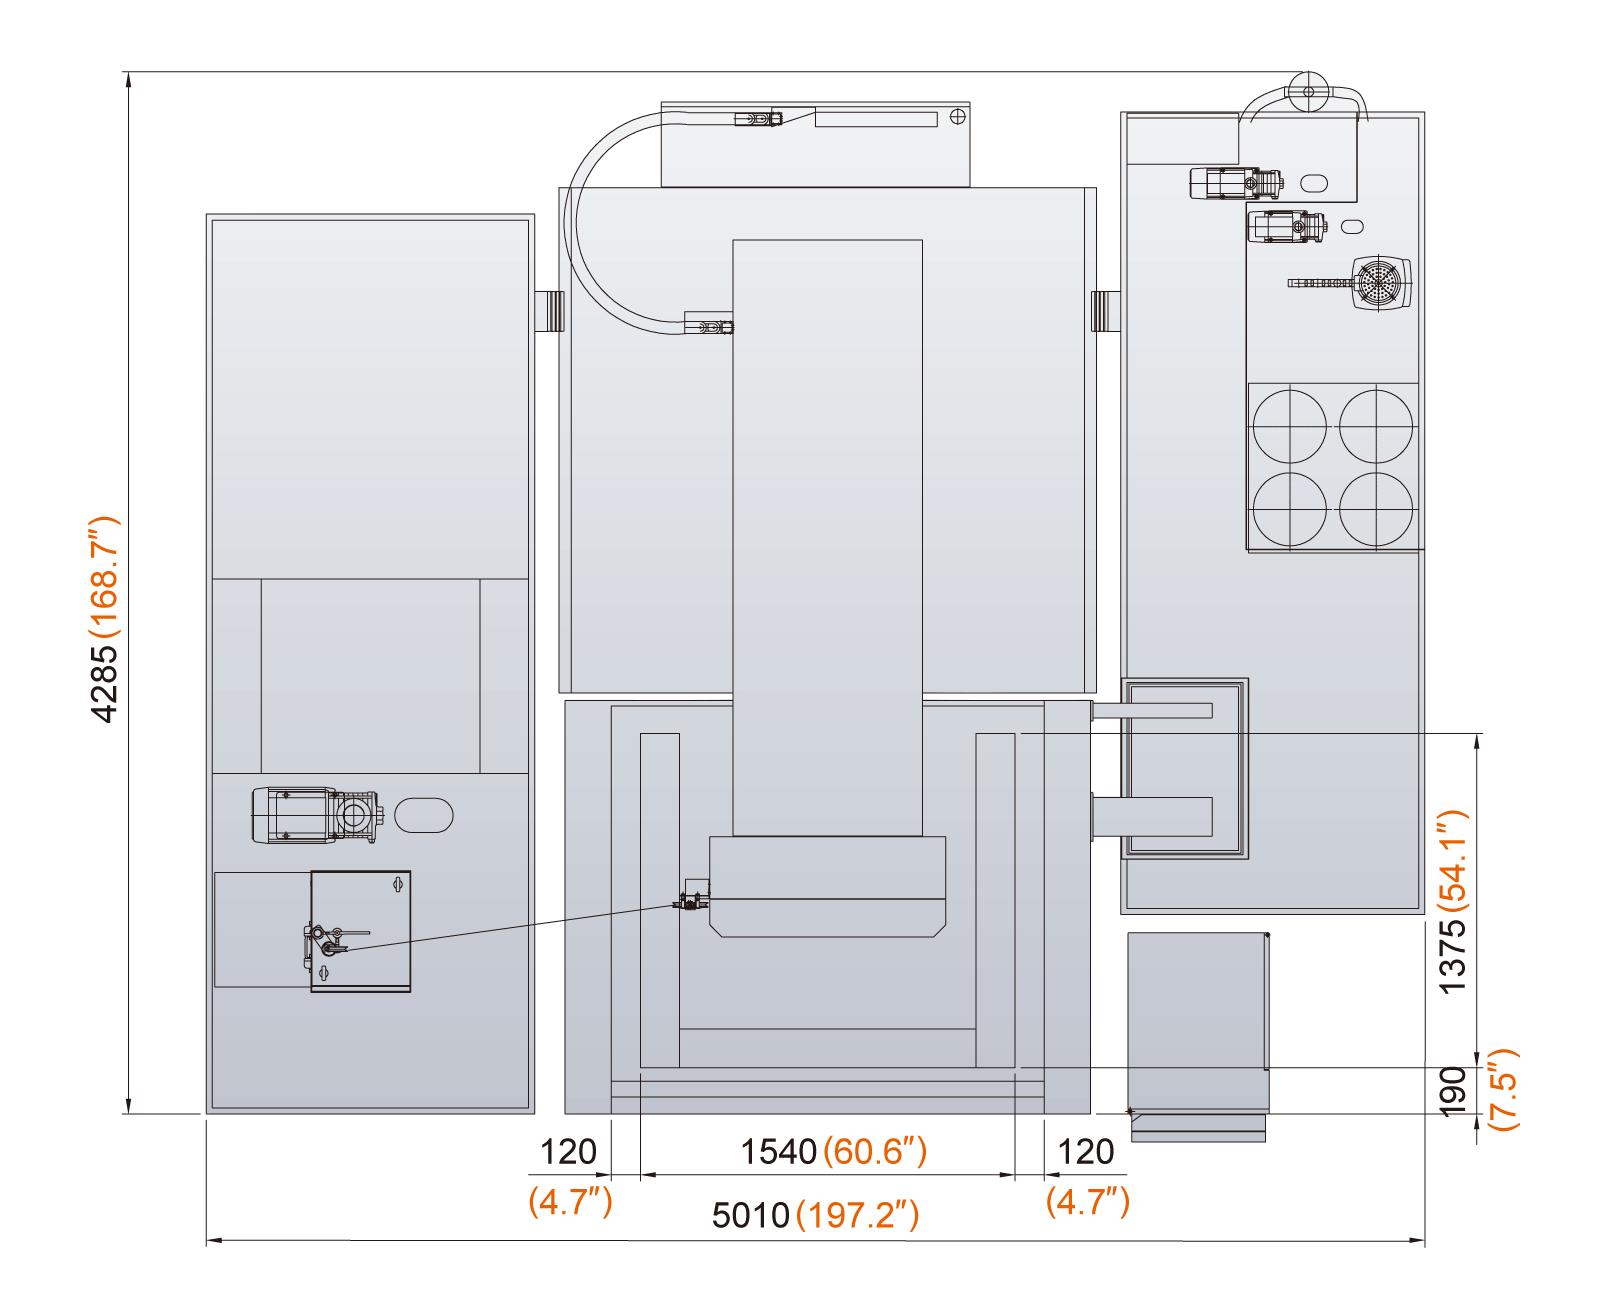 Excetek V12100 floorplan